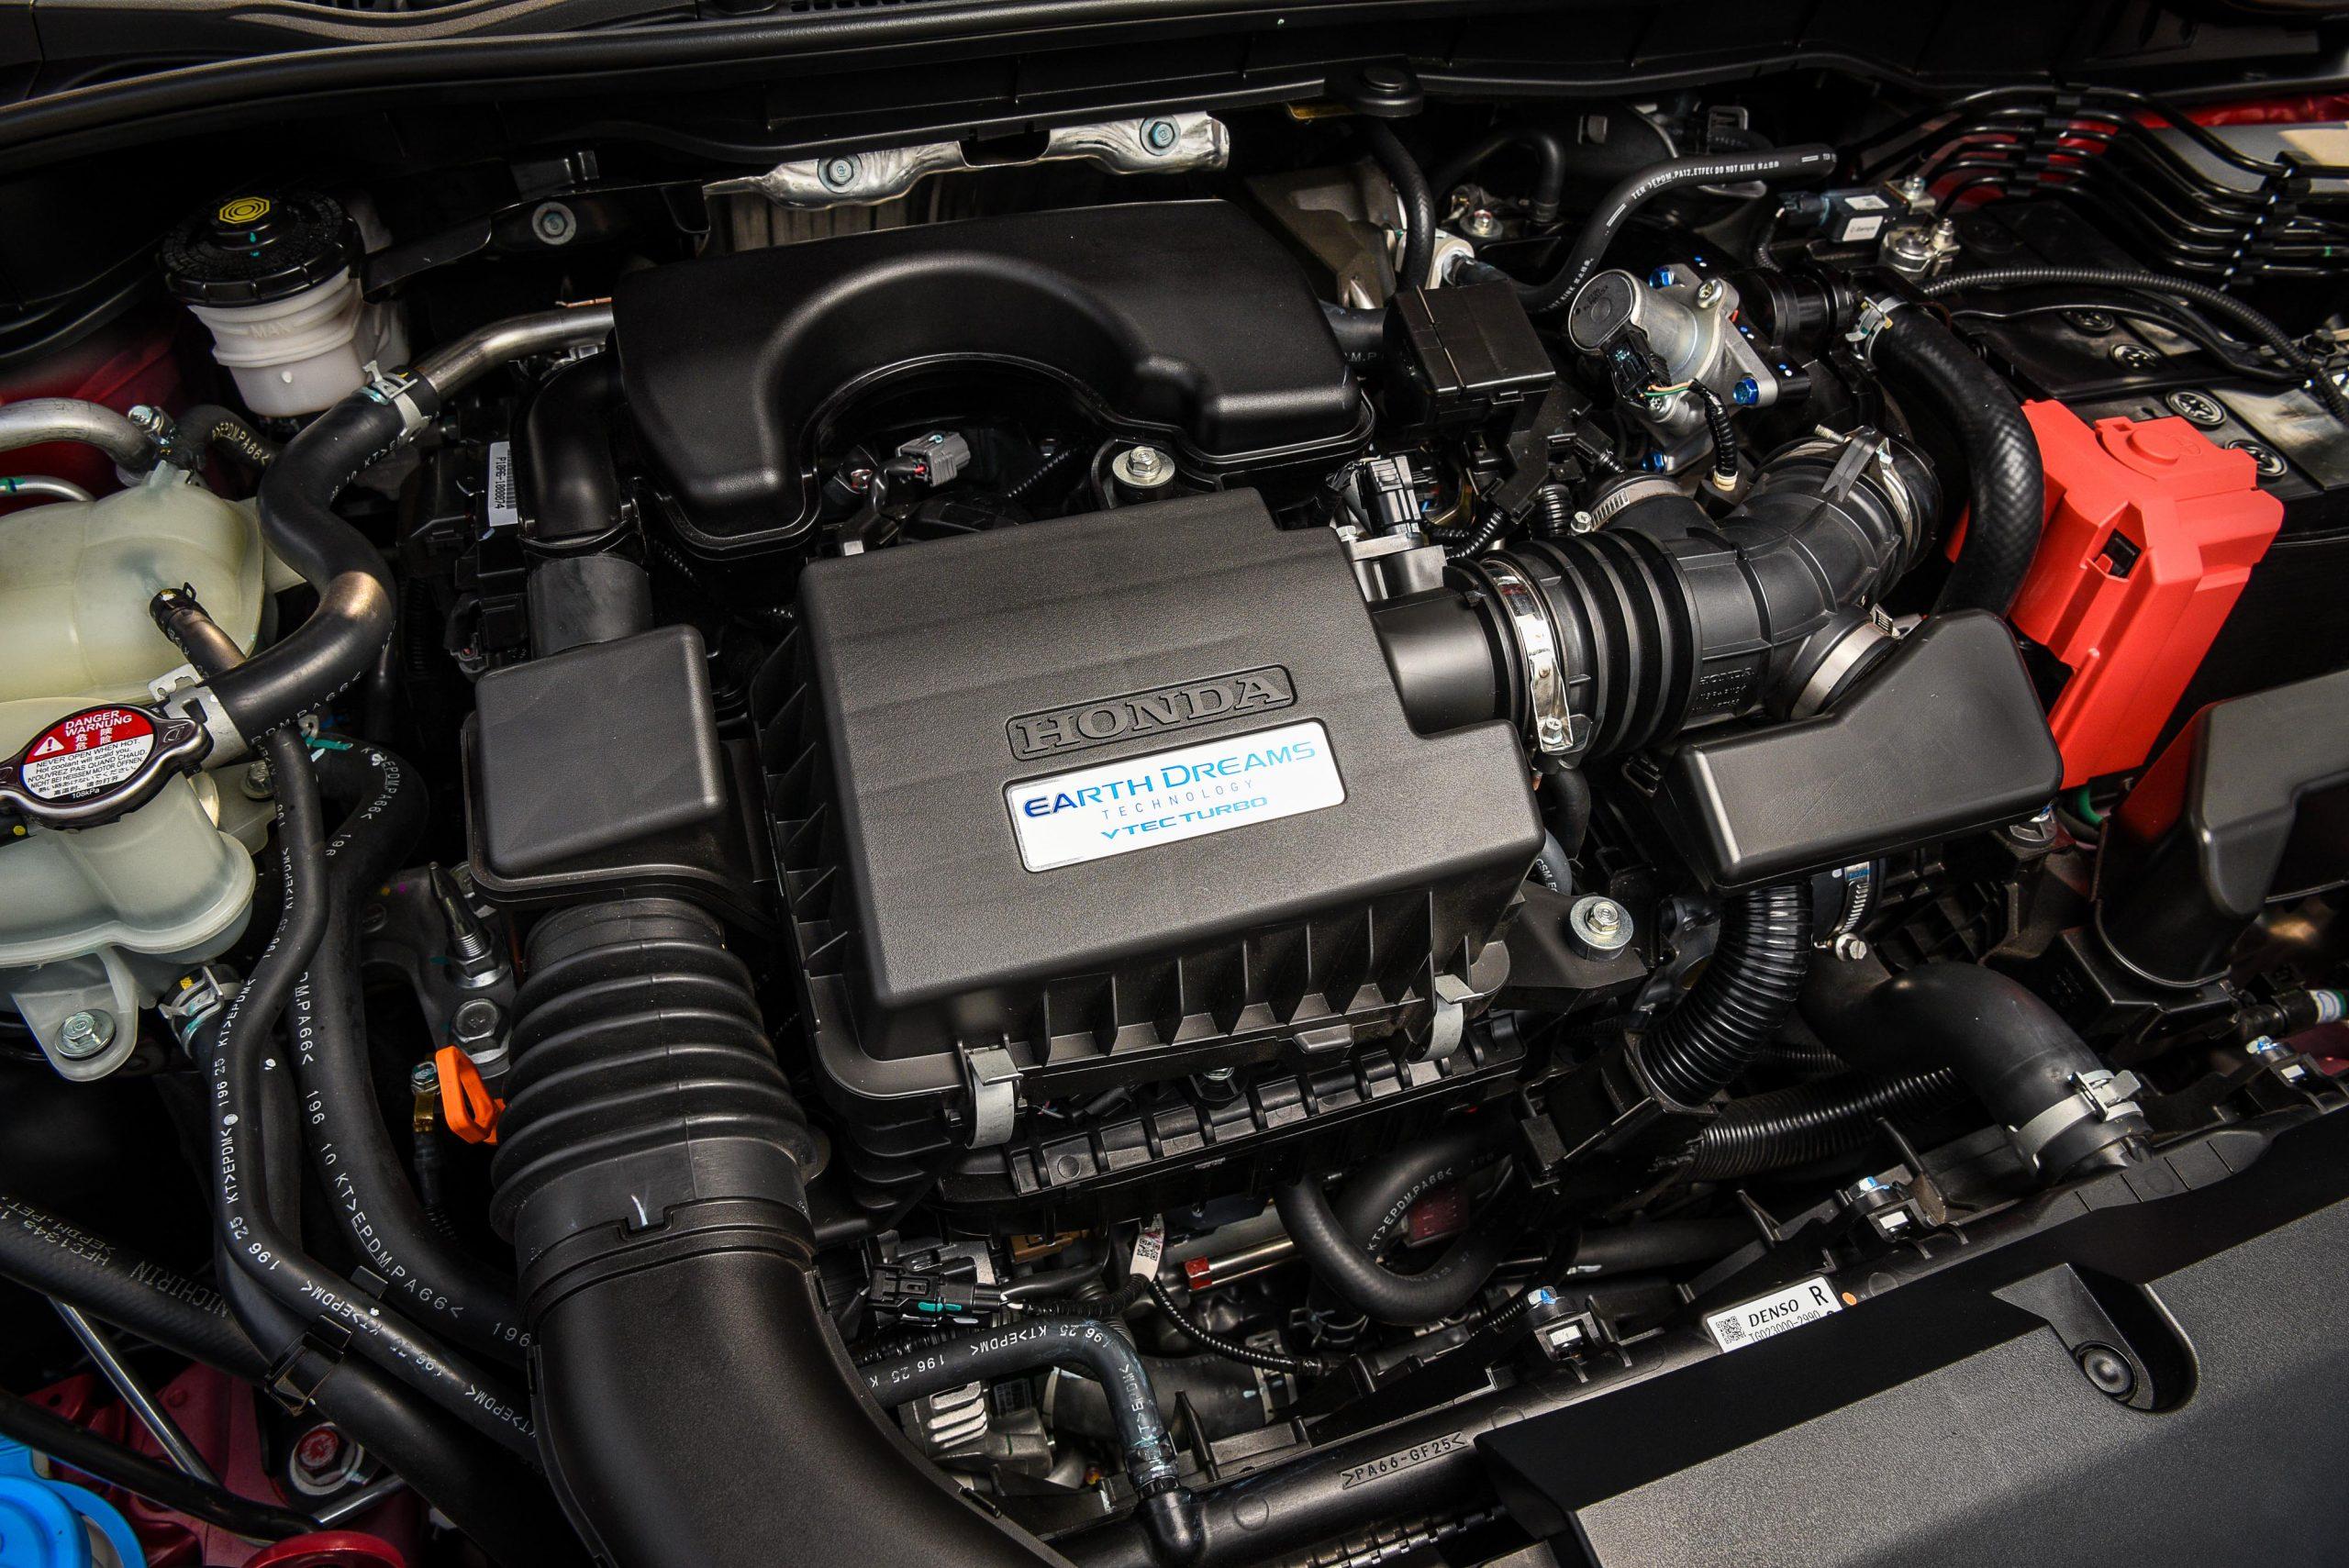 รีวิวรถใหม่2020 : Honda City 1.0 ลิตร 3สูบ เทอร์โบ 122 แรงม้า ใหม่ แรงตั้งแต่ออกตัว!!